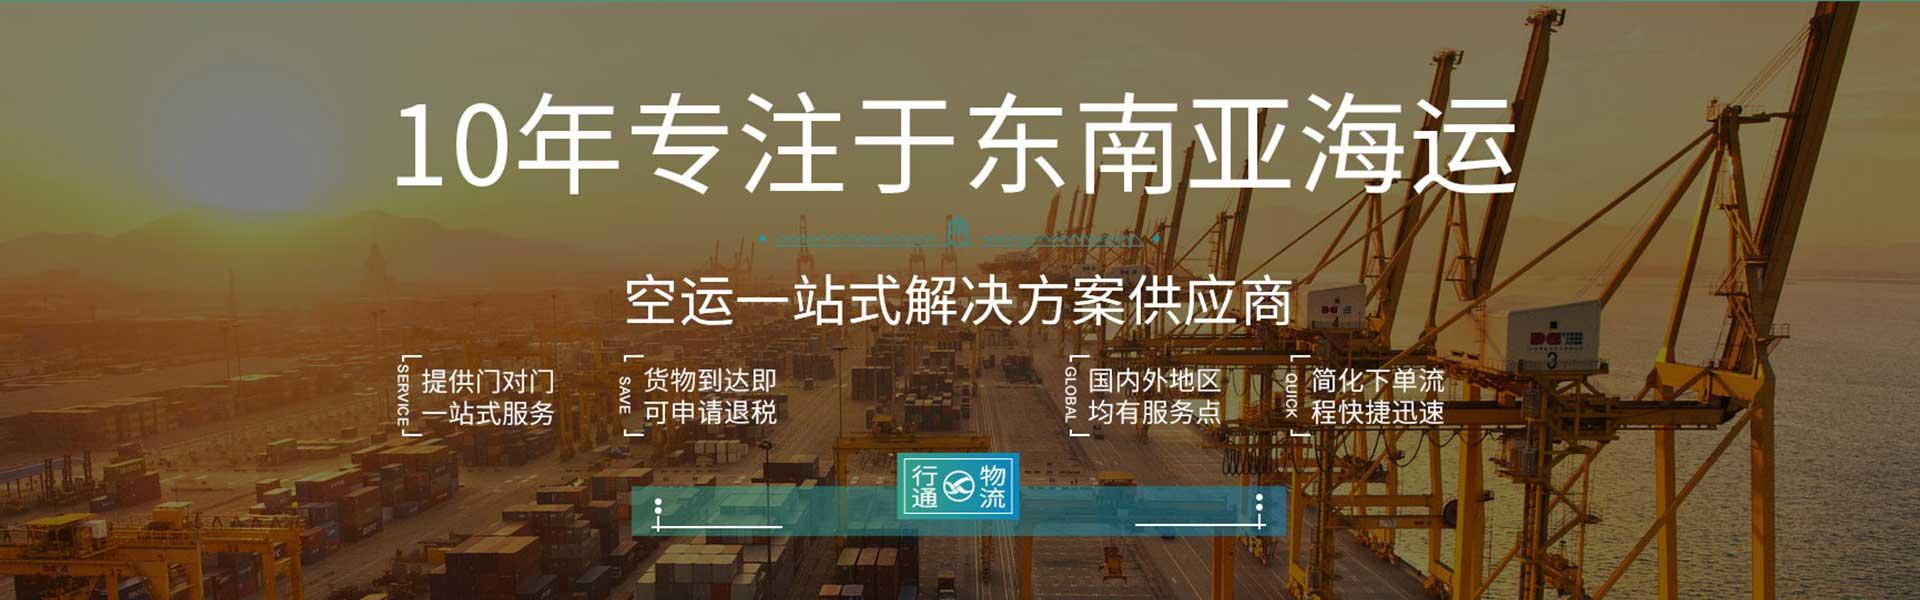 上海黄浦越南直达物流专线[行通物流]